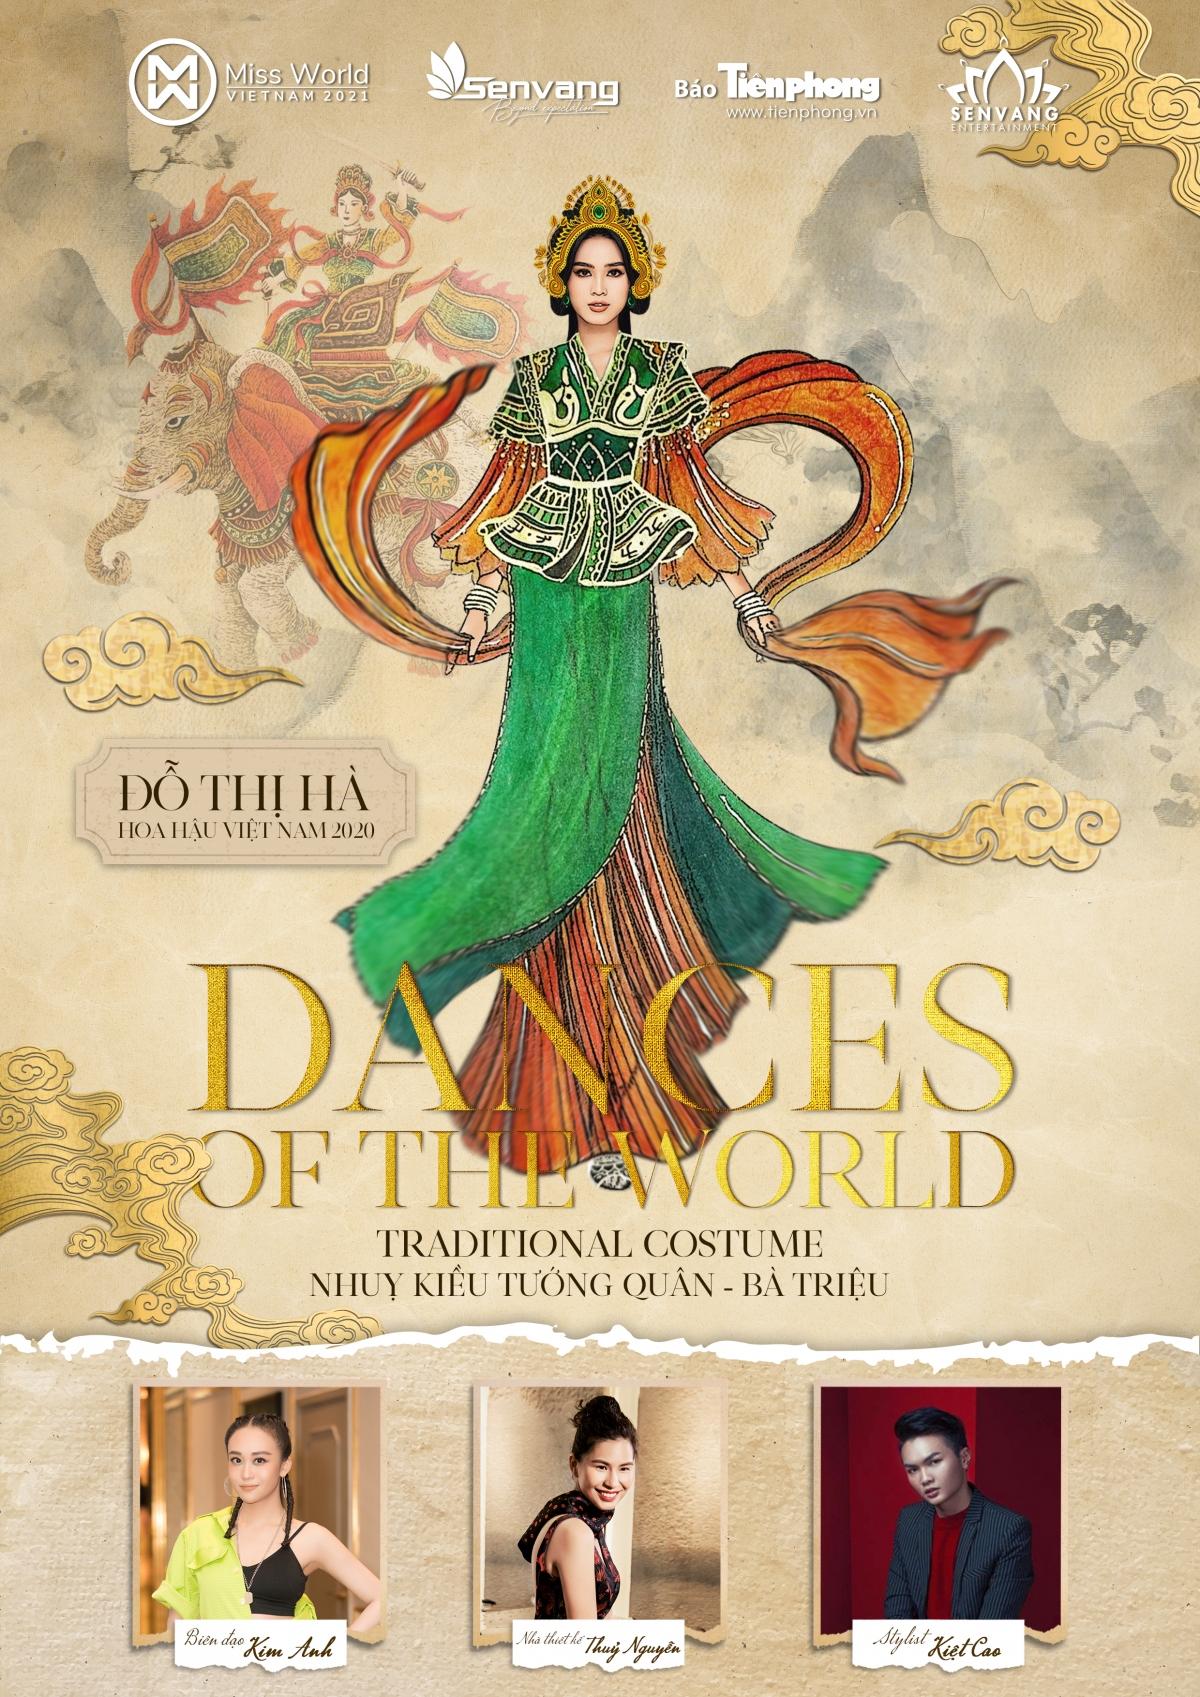 kv_do_ha_dance_of_the_world.jpg